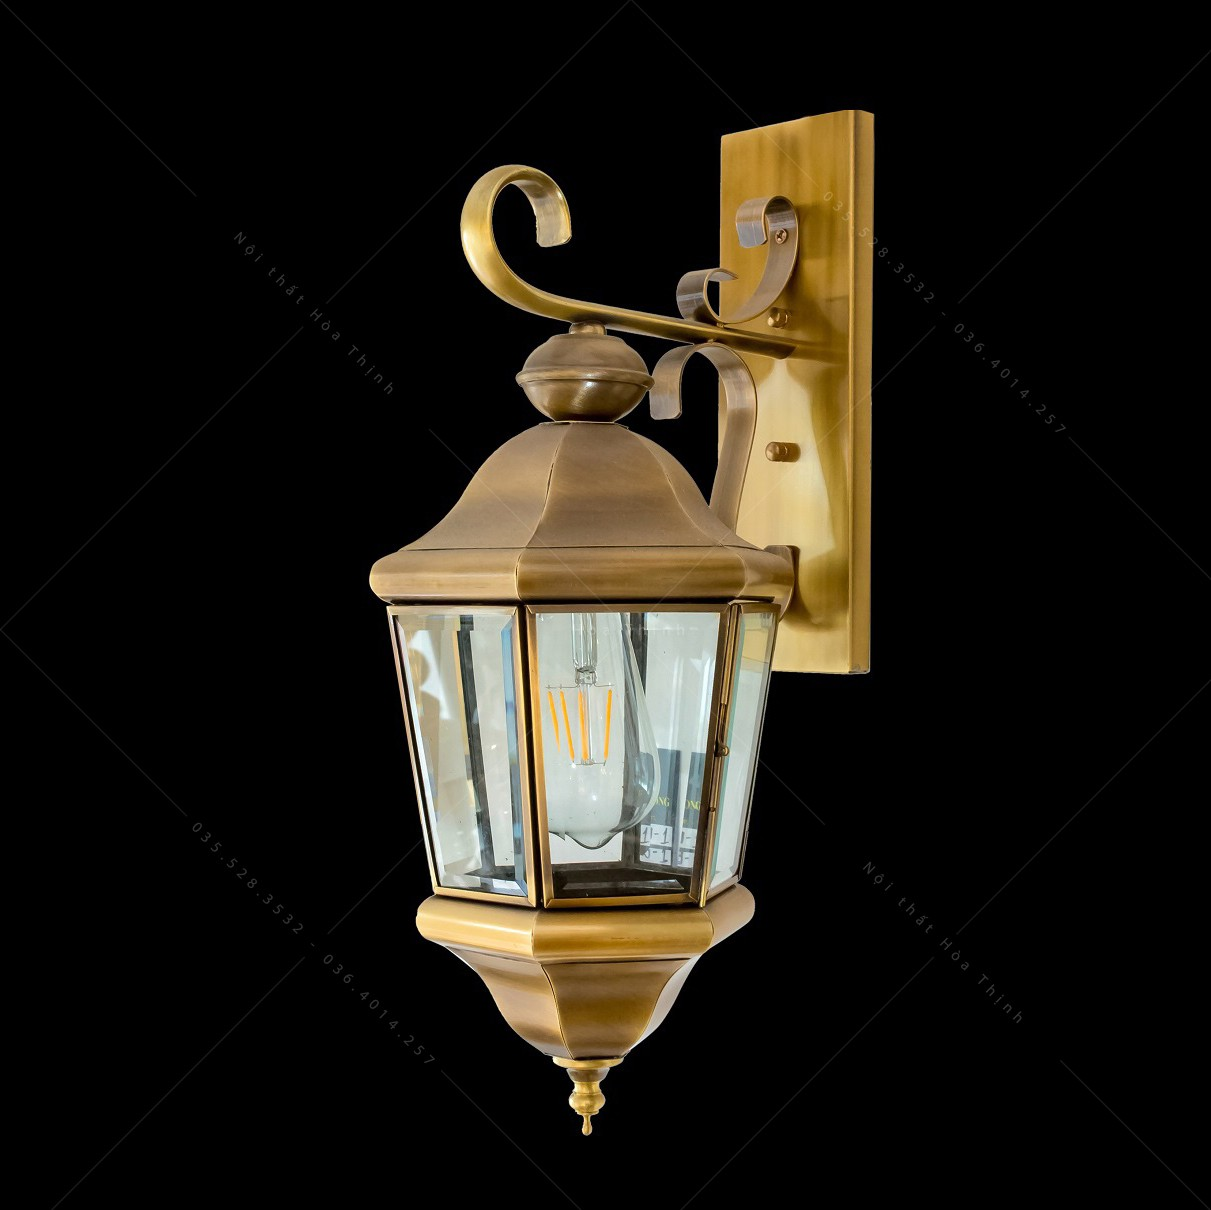 Đèn treo tường bằng đồng ngoại thất HTML-B6009-1